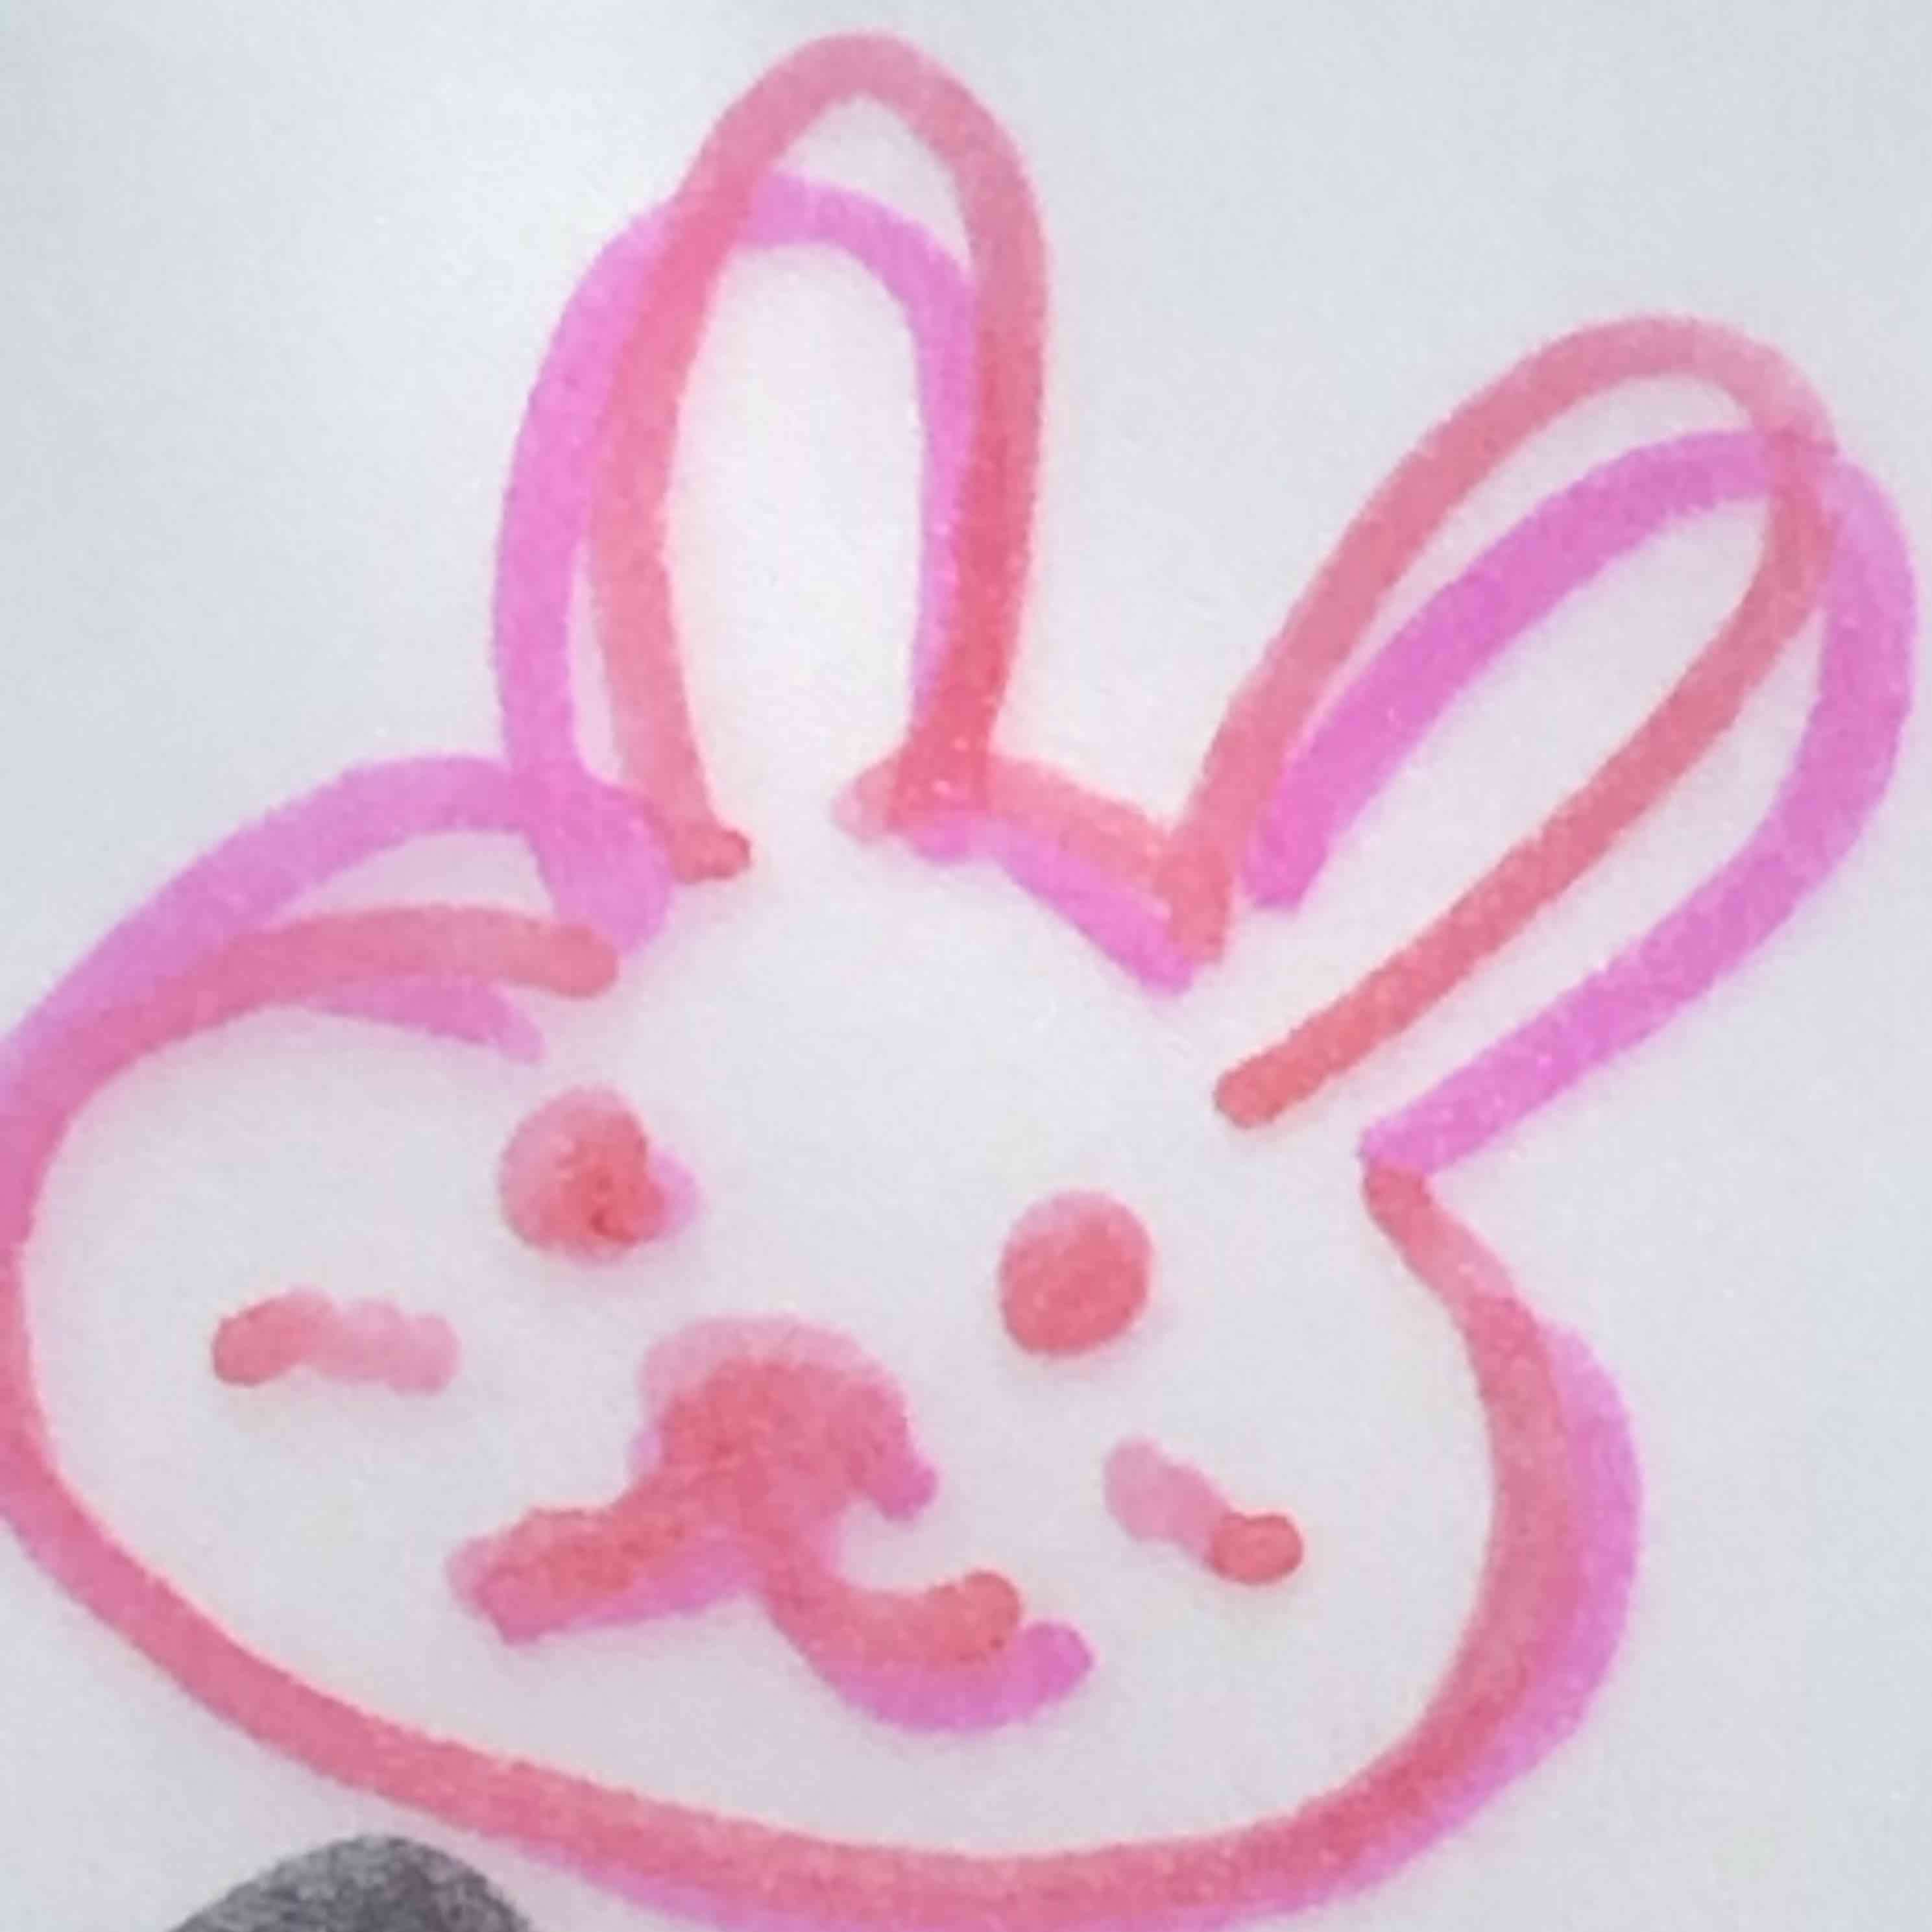 うさこたんteam萌夏のプロフィール画像